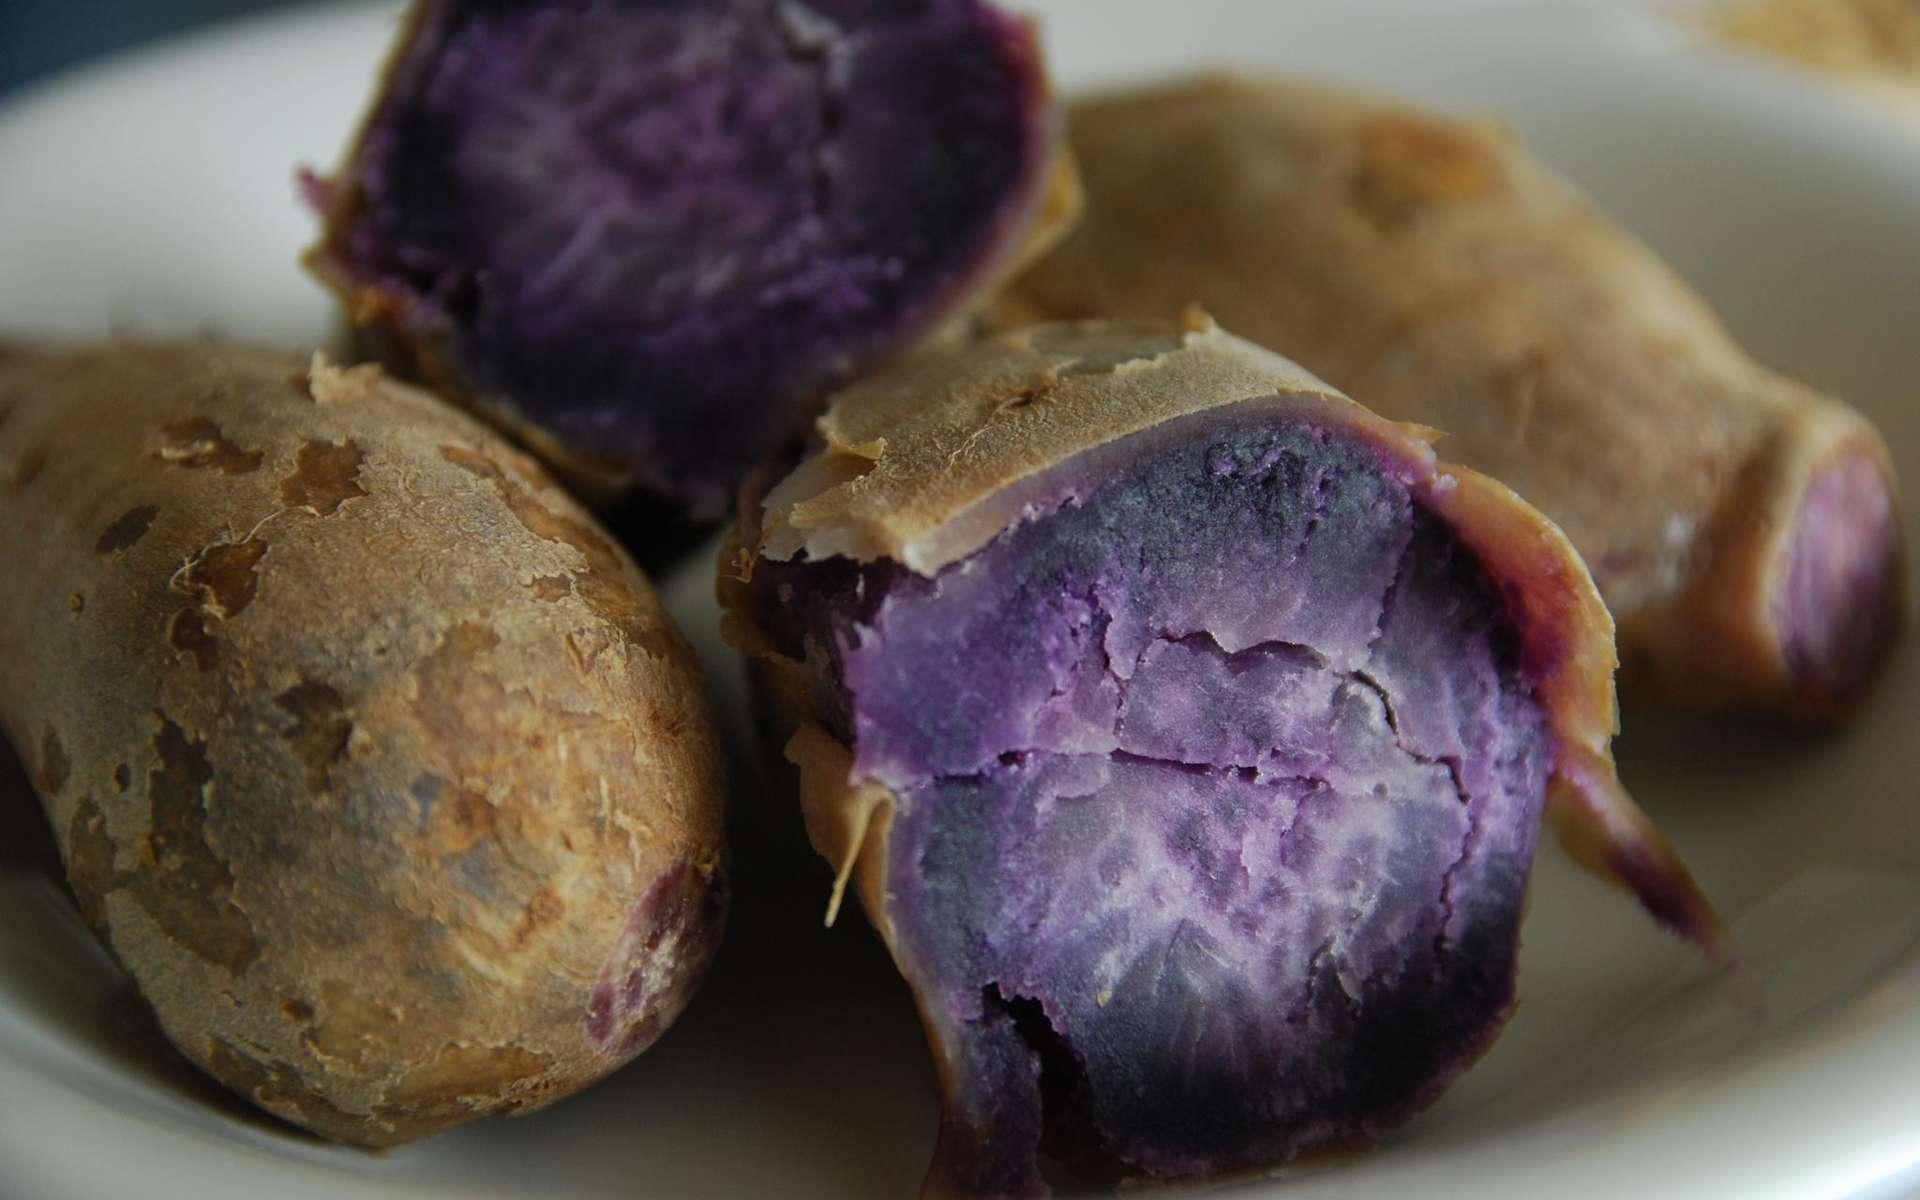 Des chercheurs font la lumière sur l'origine de la patate douce et portent un coup dur à l'hypothèse d'un contact précoce entre Polynésie et Amérique. © Alpha, Flickr